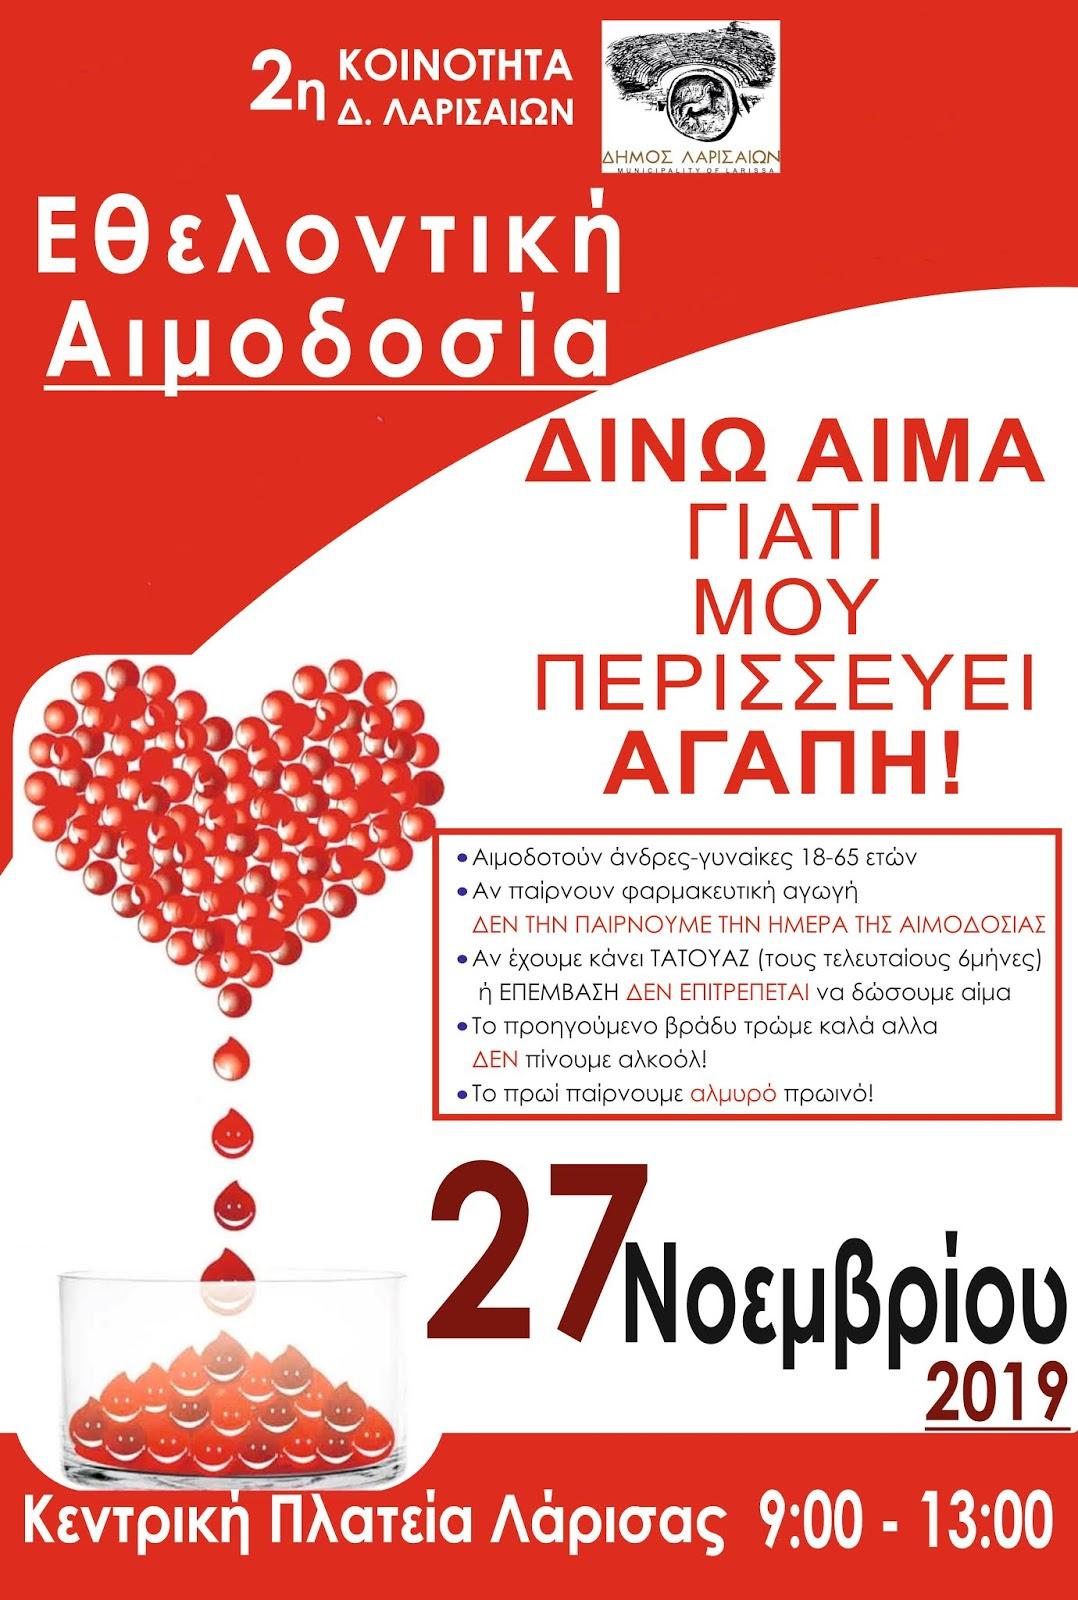 Εθελοντική Αιμοδοσία από την 2η Κοινότητα Δήμου Λαρισαίων